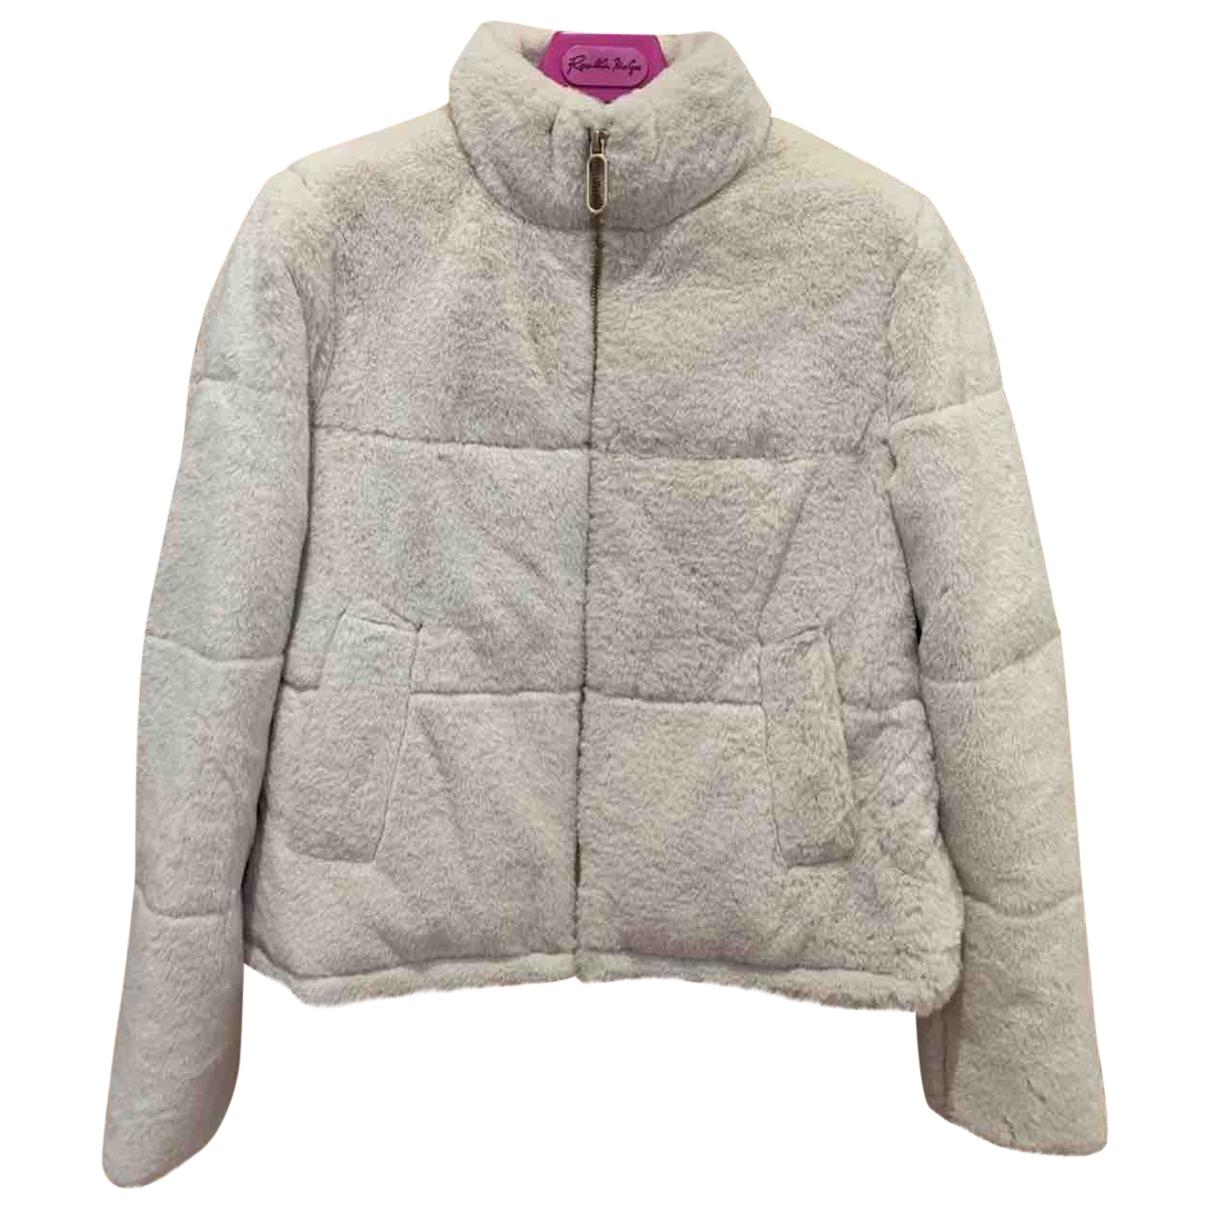 Zara - Manteau   pour femme en fourrure synthetique - ecru